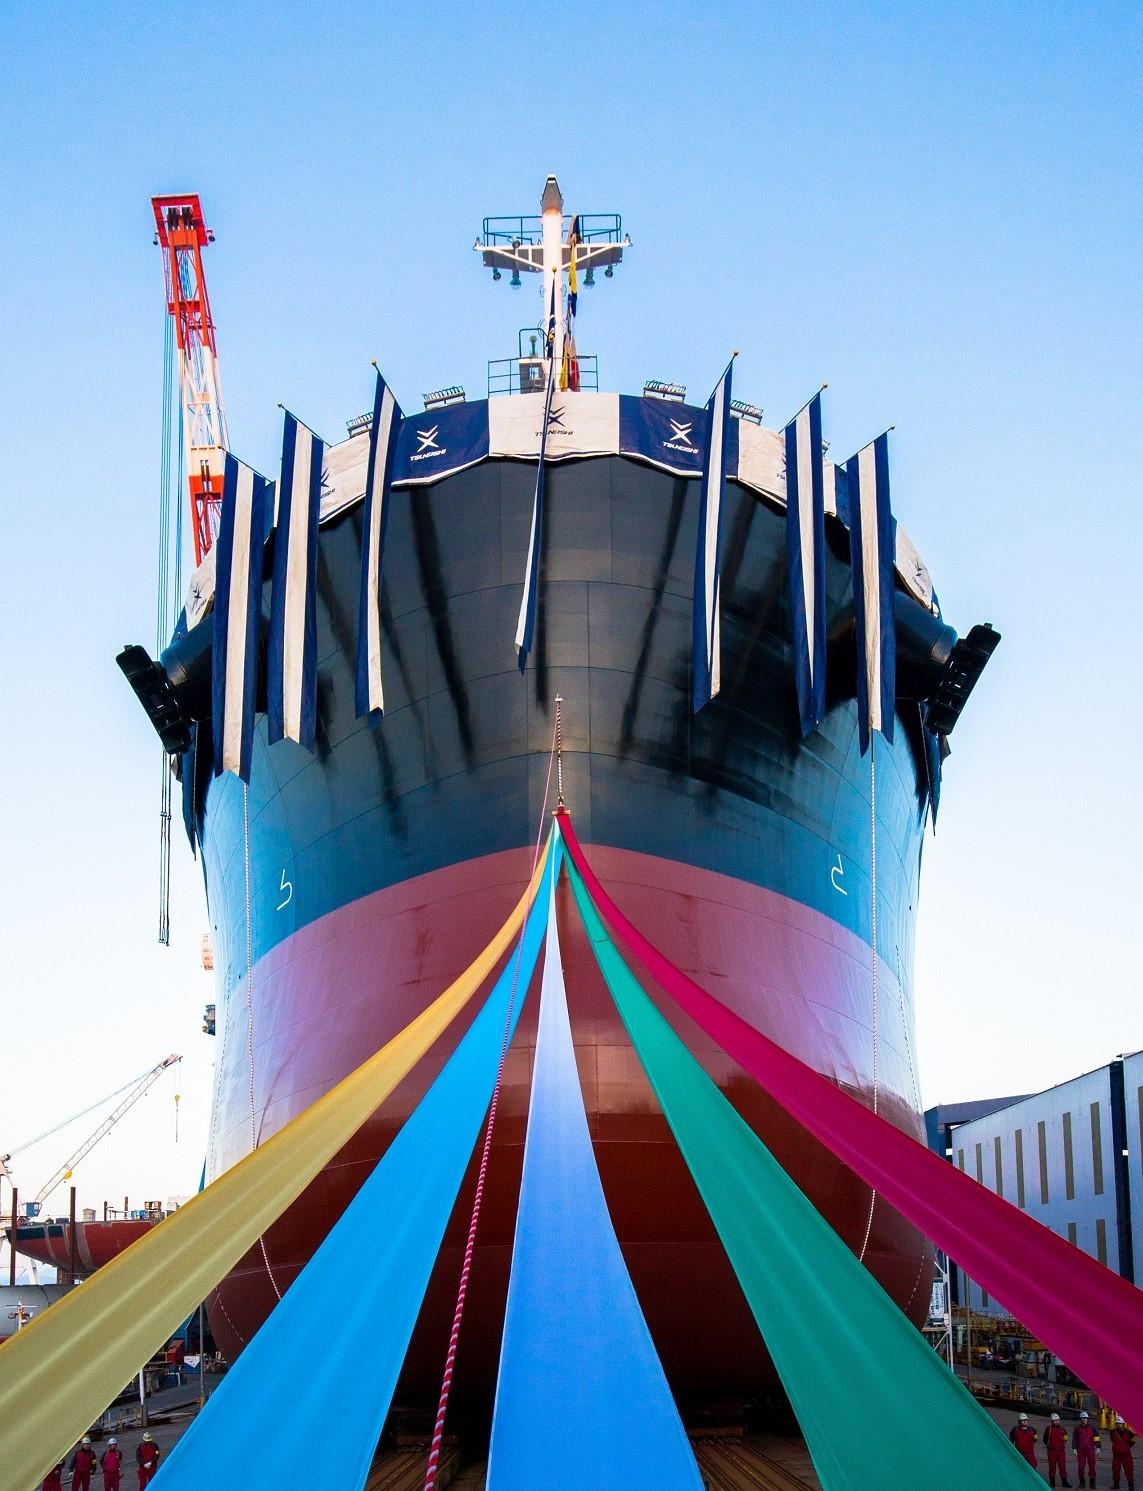 進水式イメージ(実際の船とは異なります)